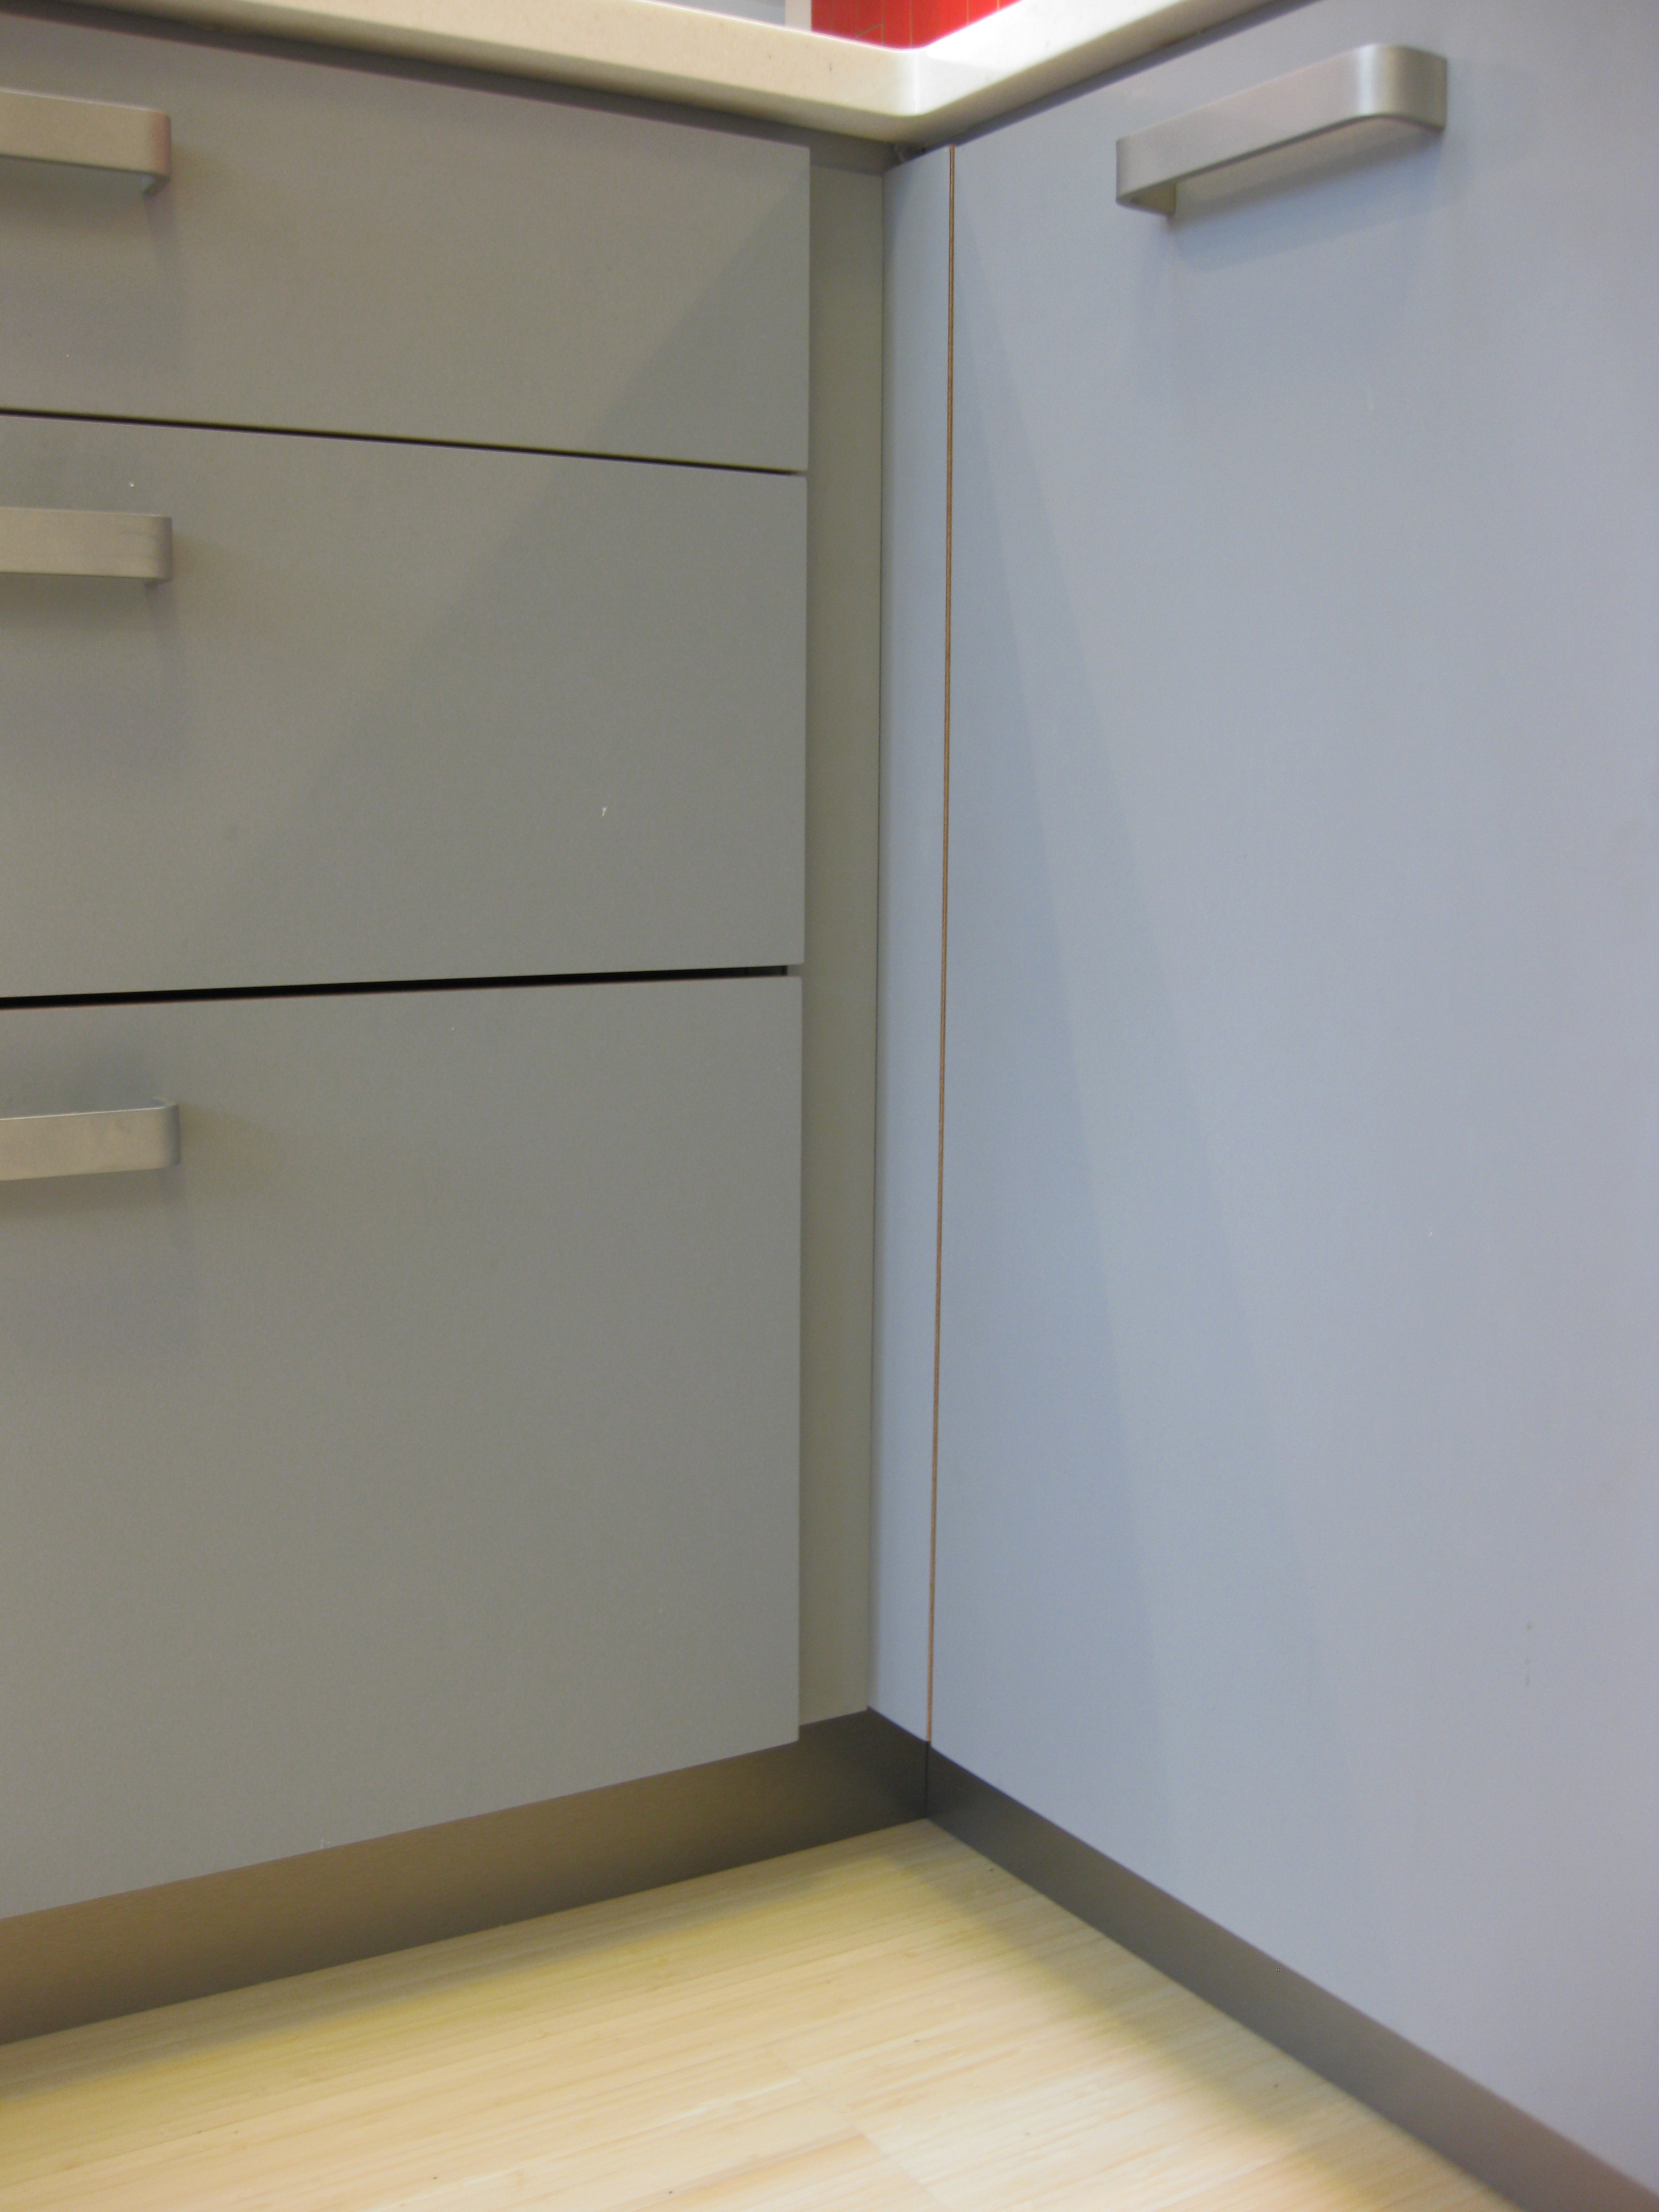 Bamboo Kitchen Cabinet Door Replacement